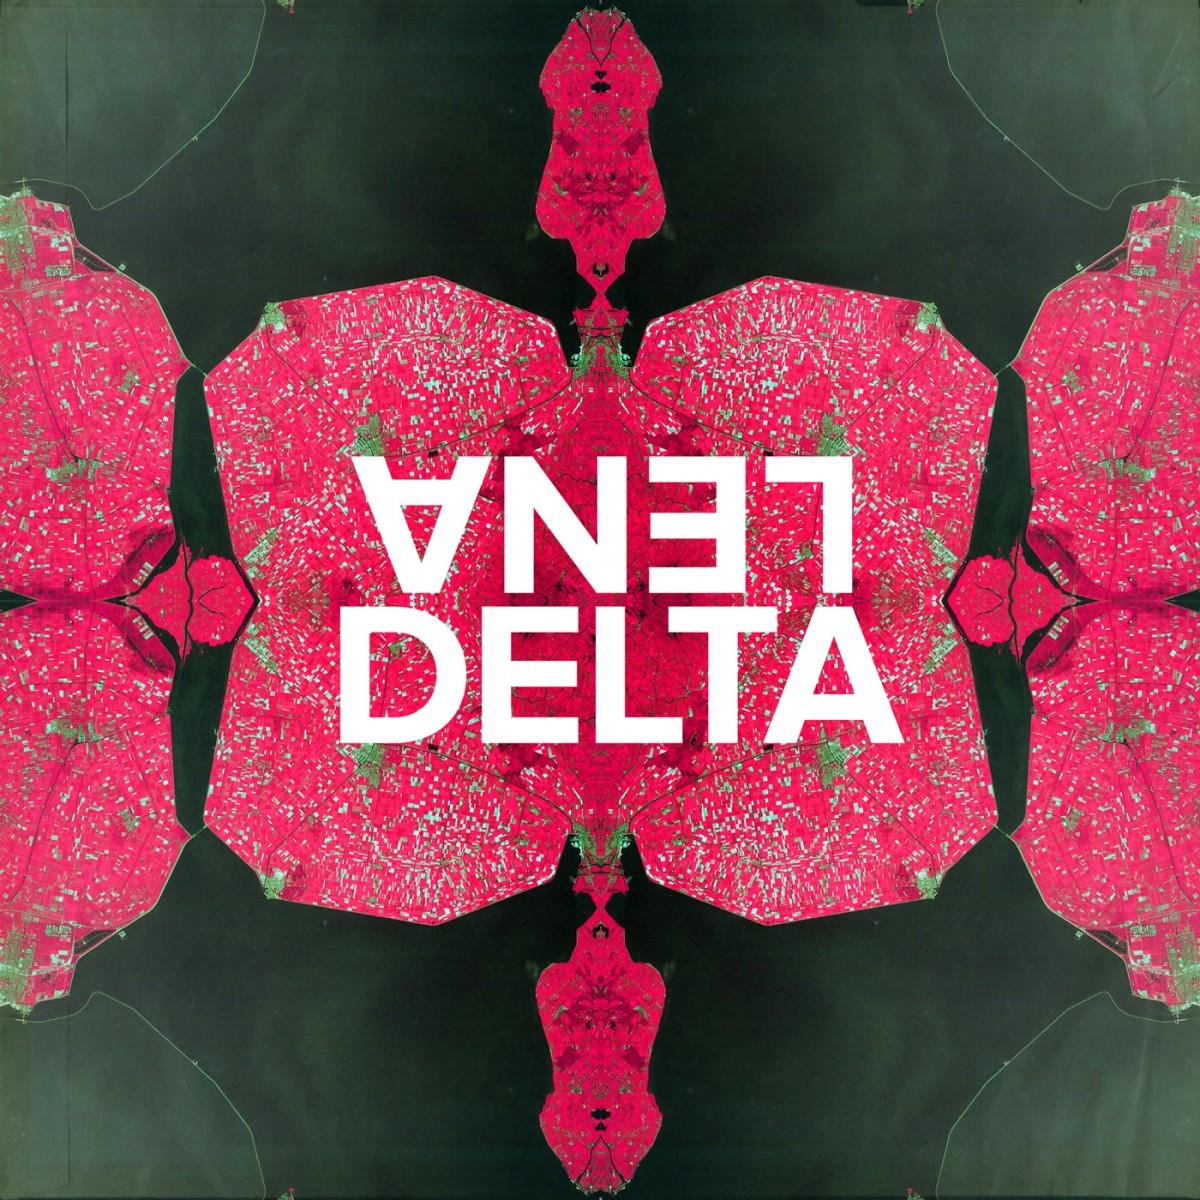 LENA-DELTA-1400